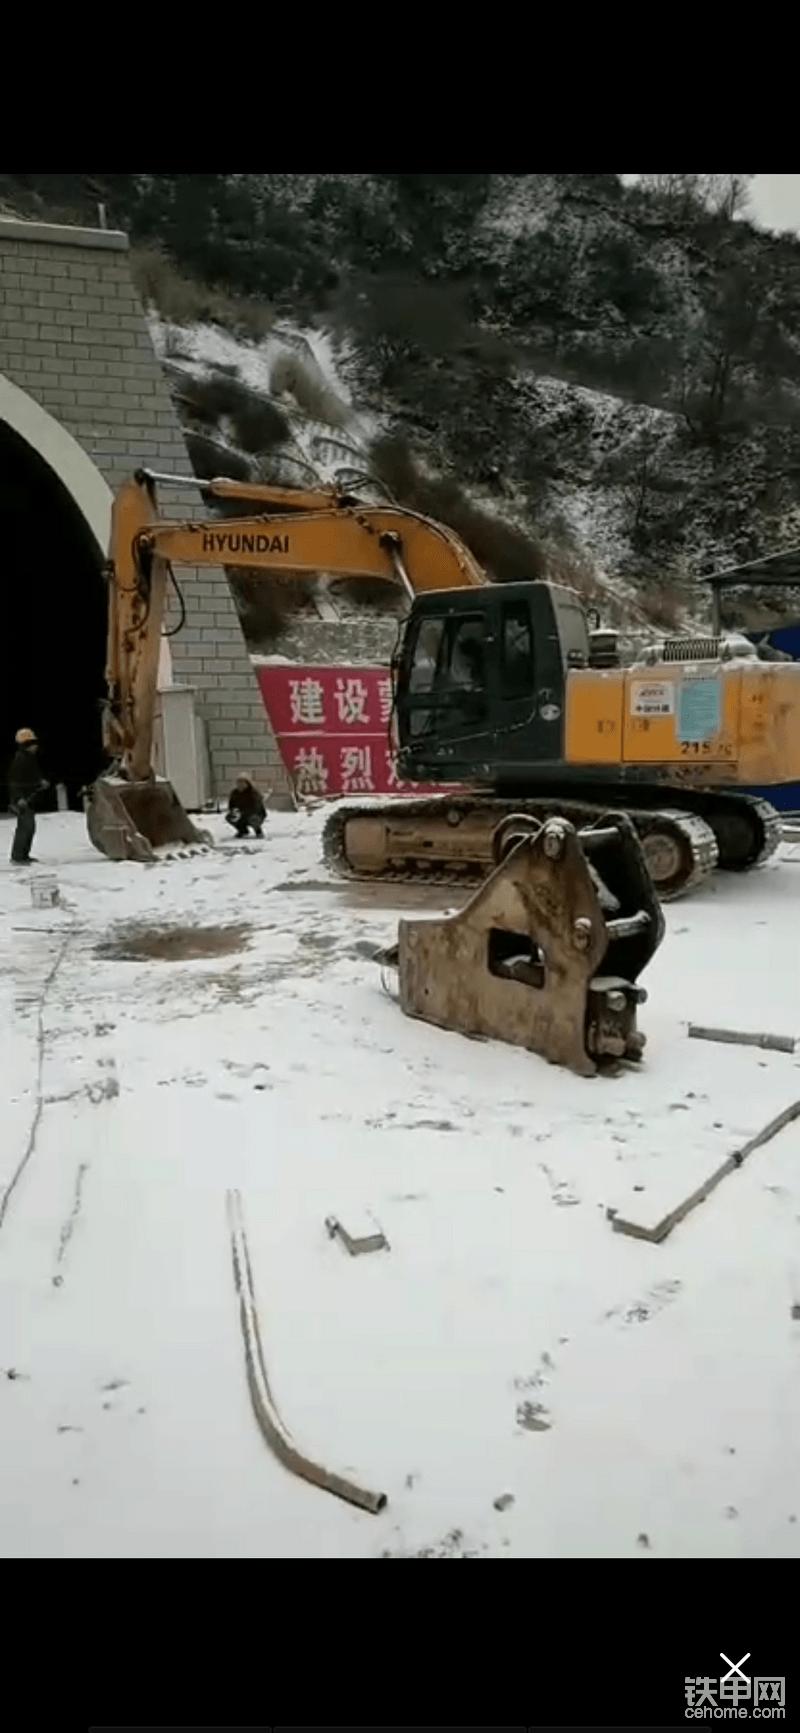 叫工人帮忙准备换锤中。